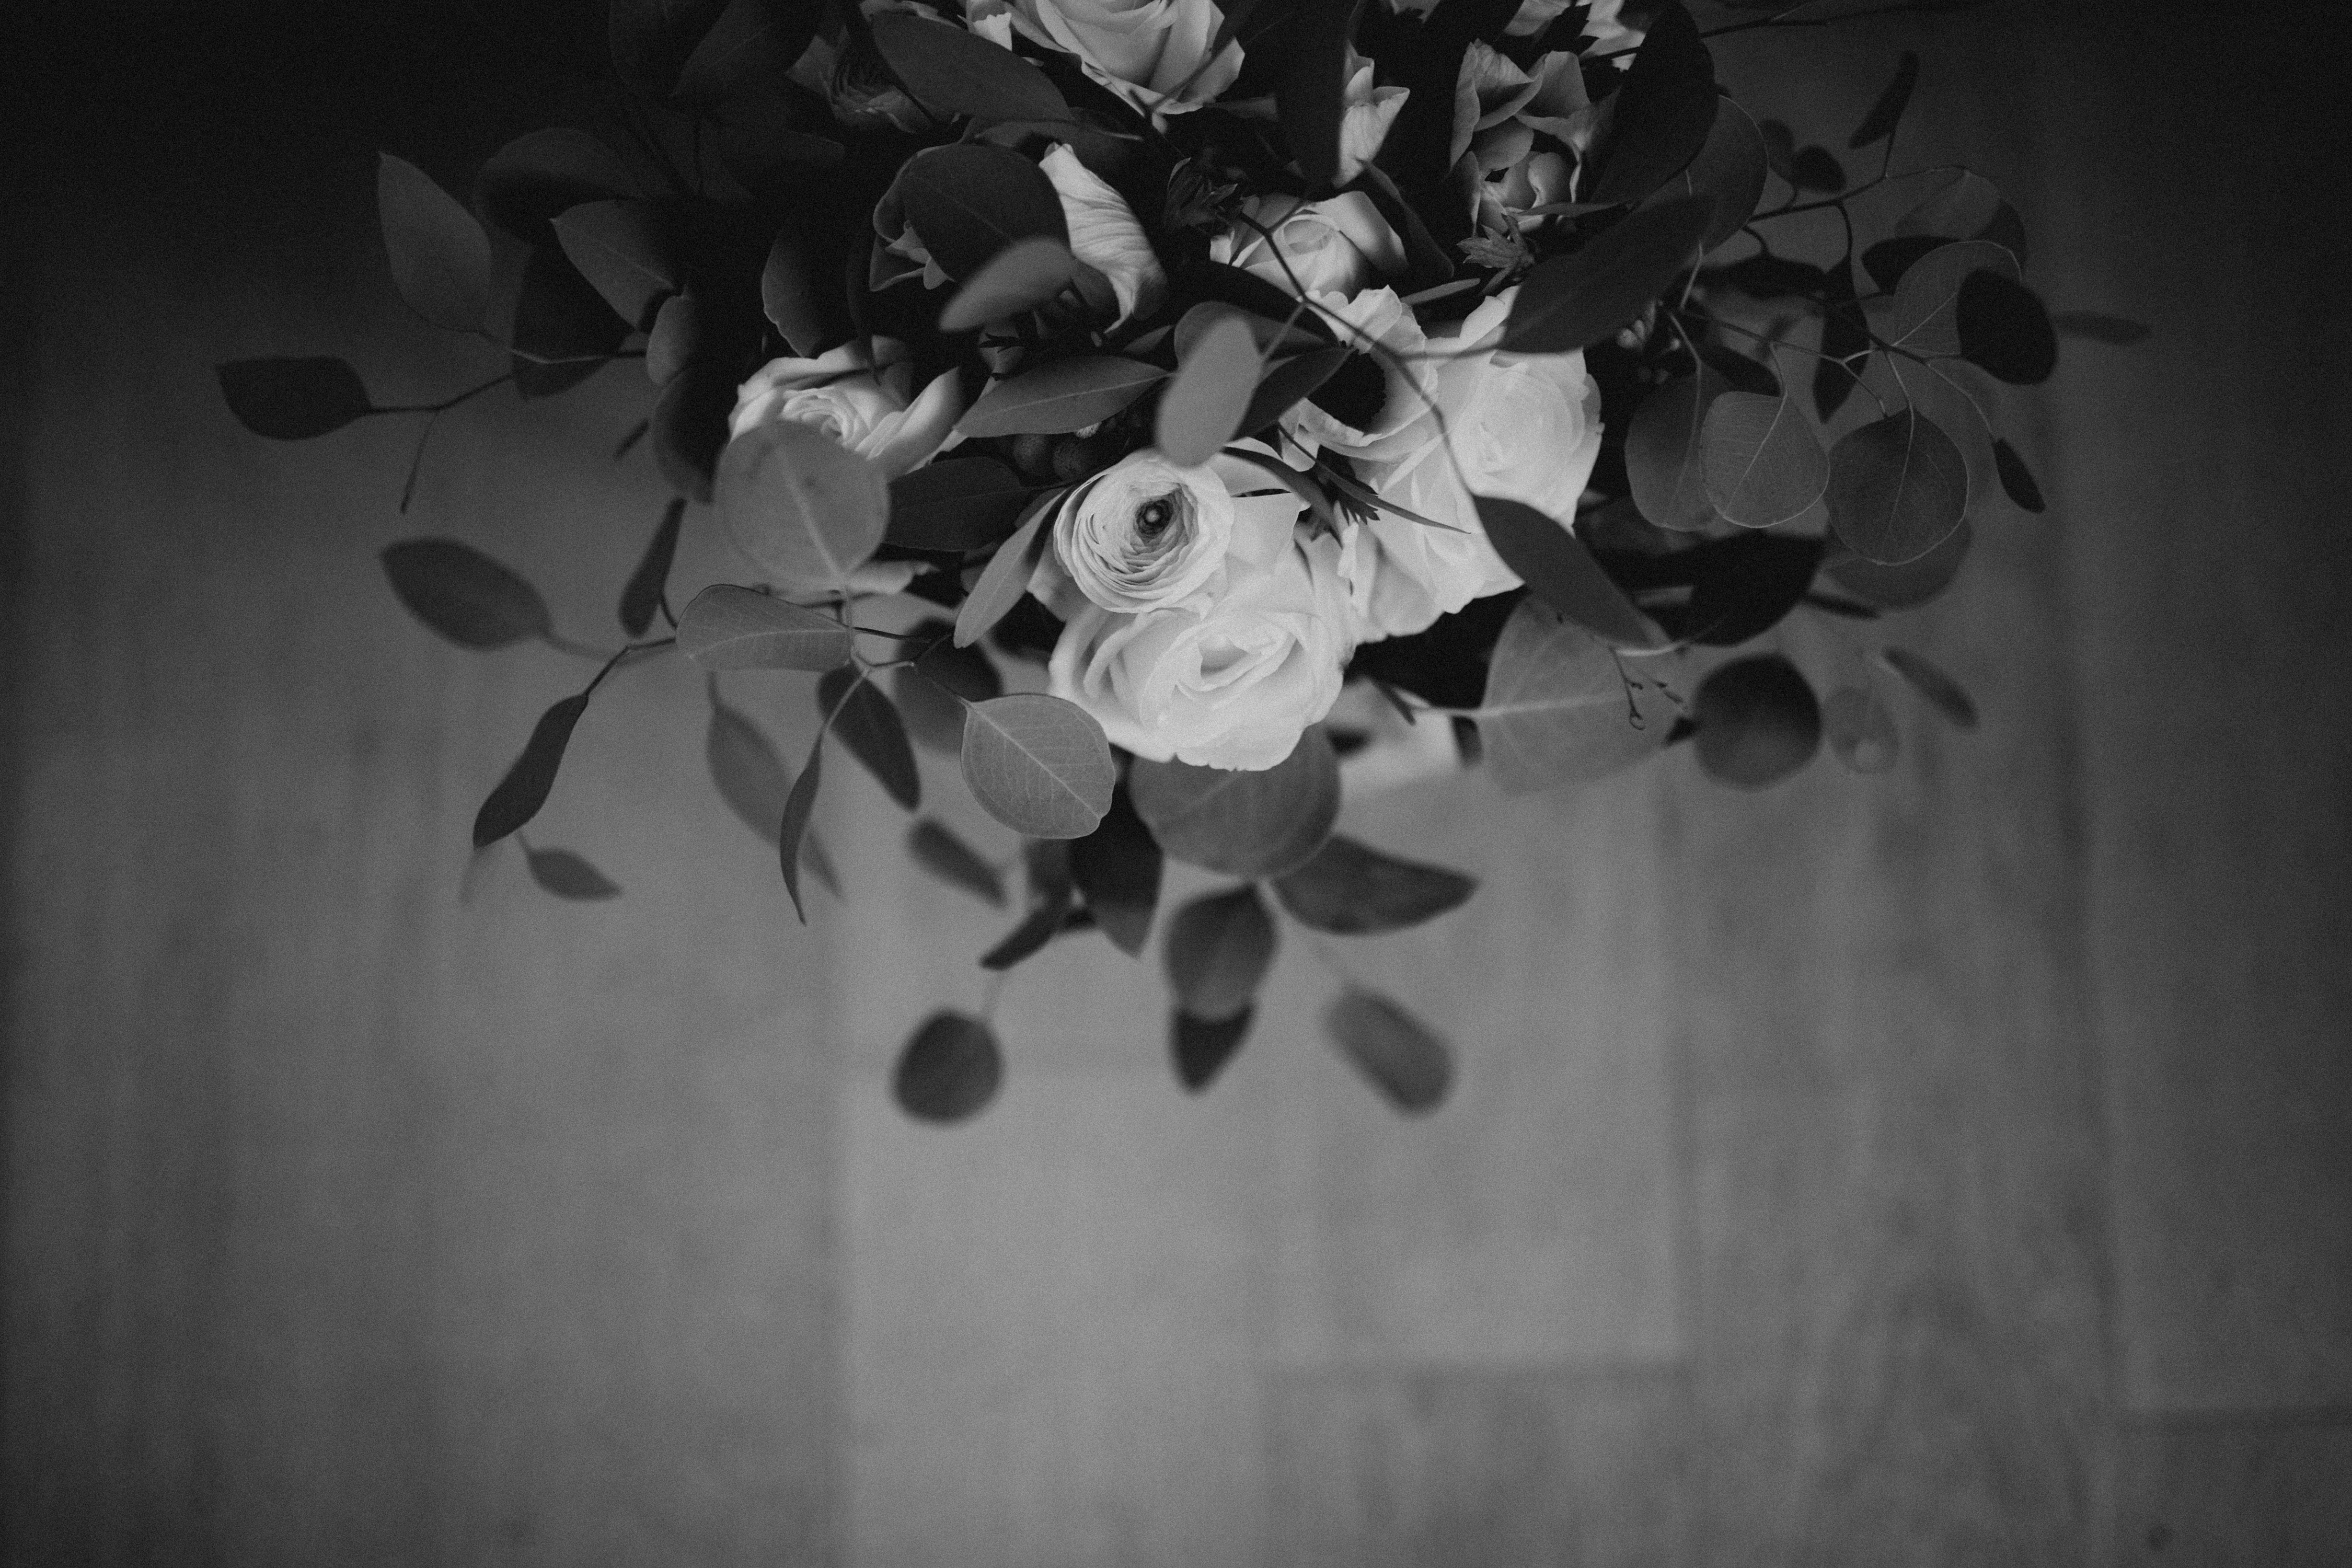 sterenn-officiante-ceremonie-laique-bouquet-mariee